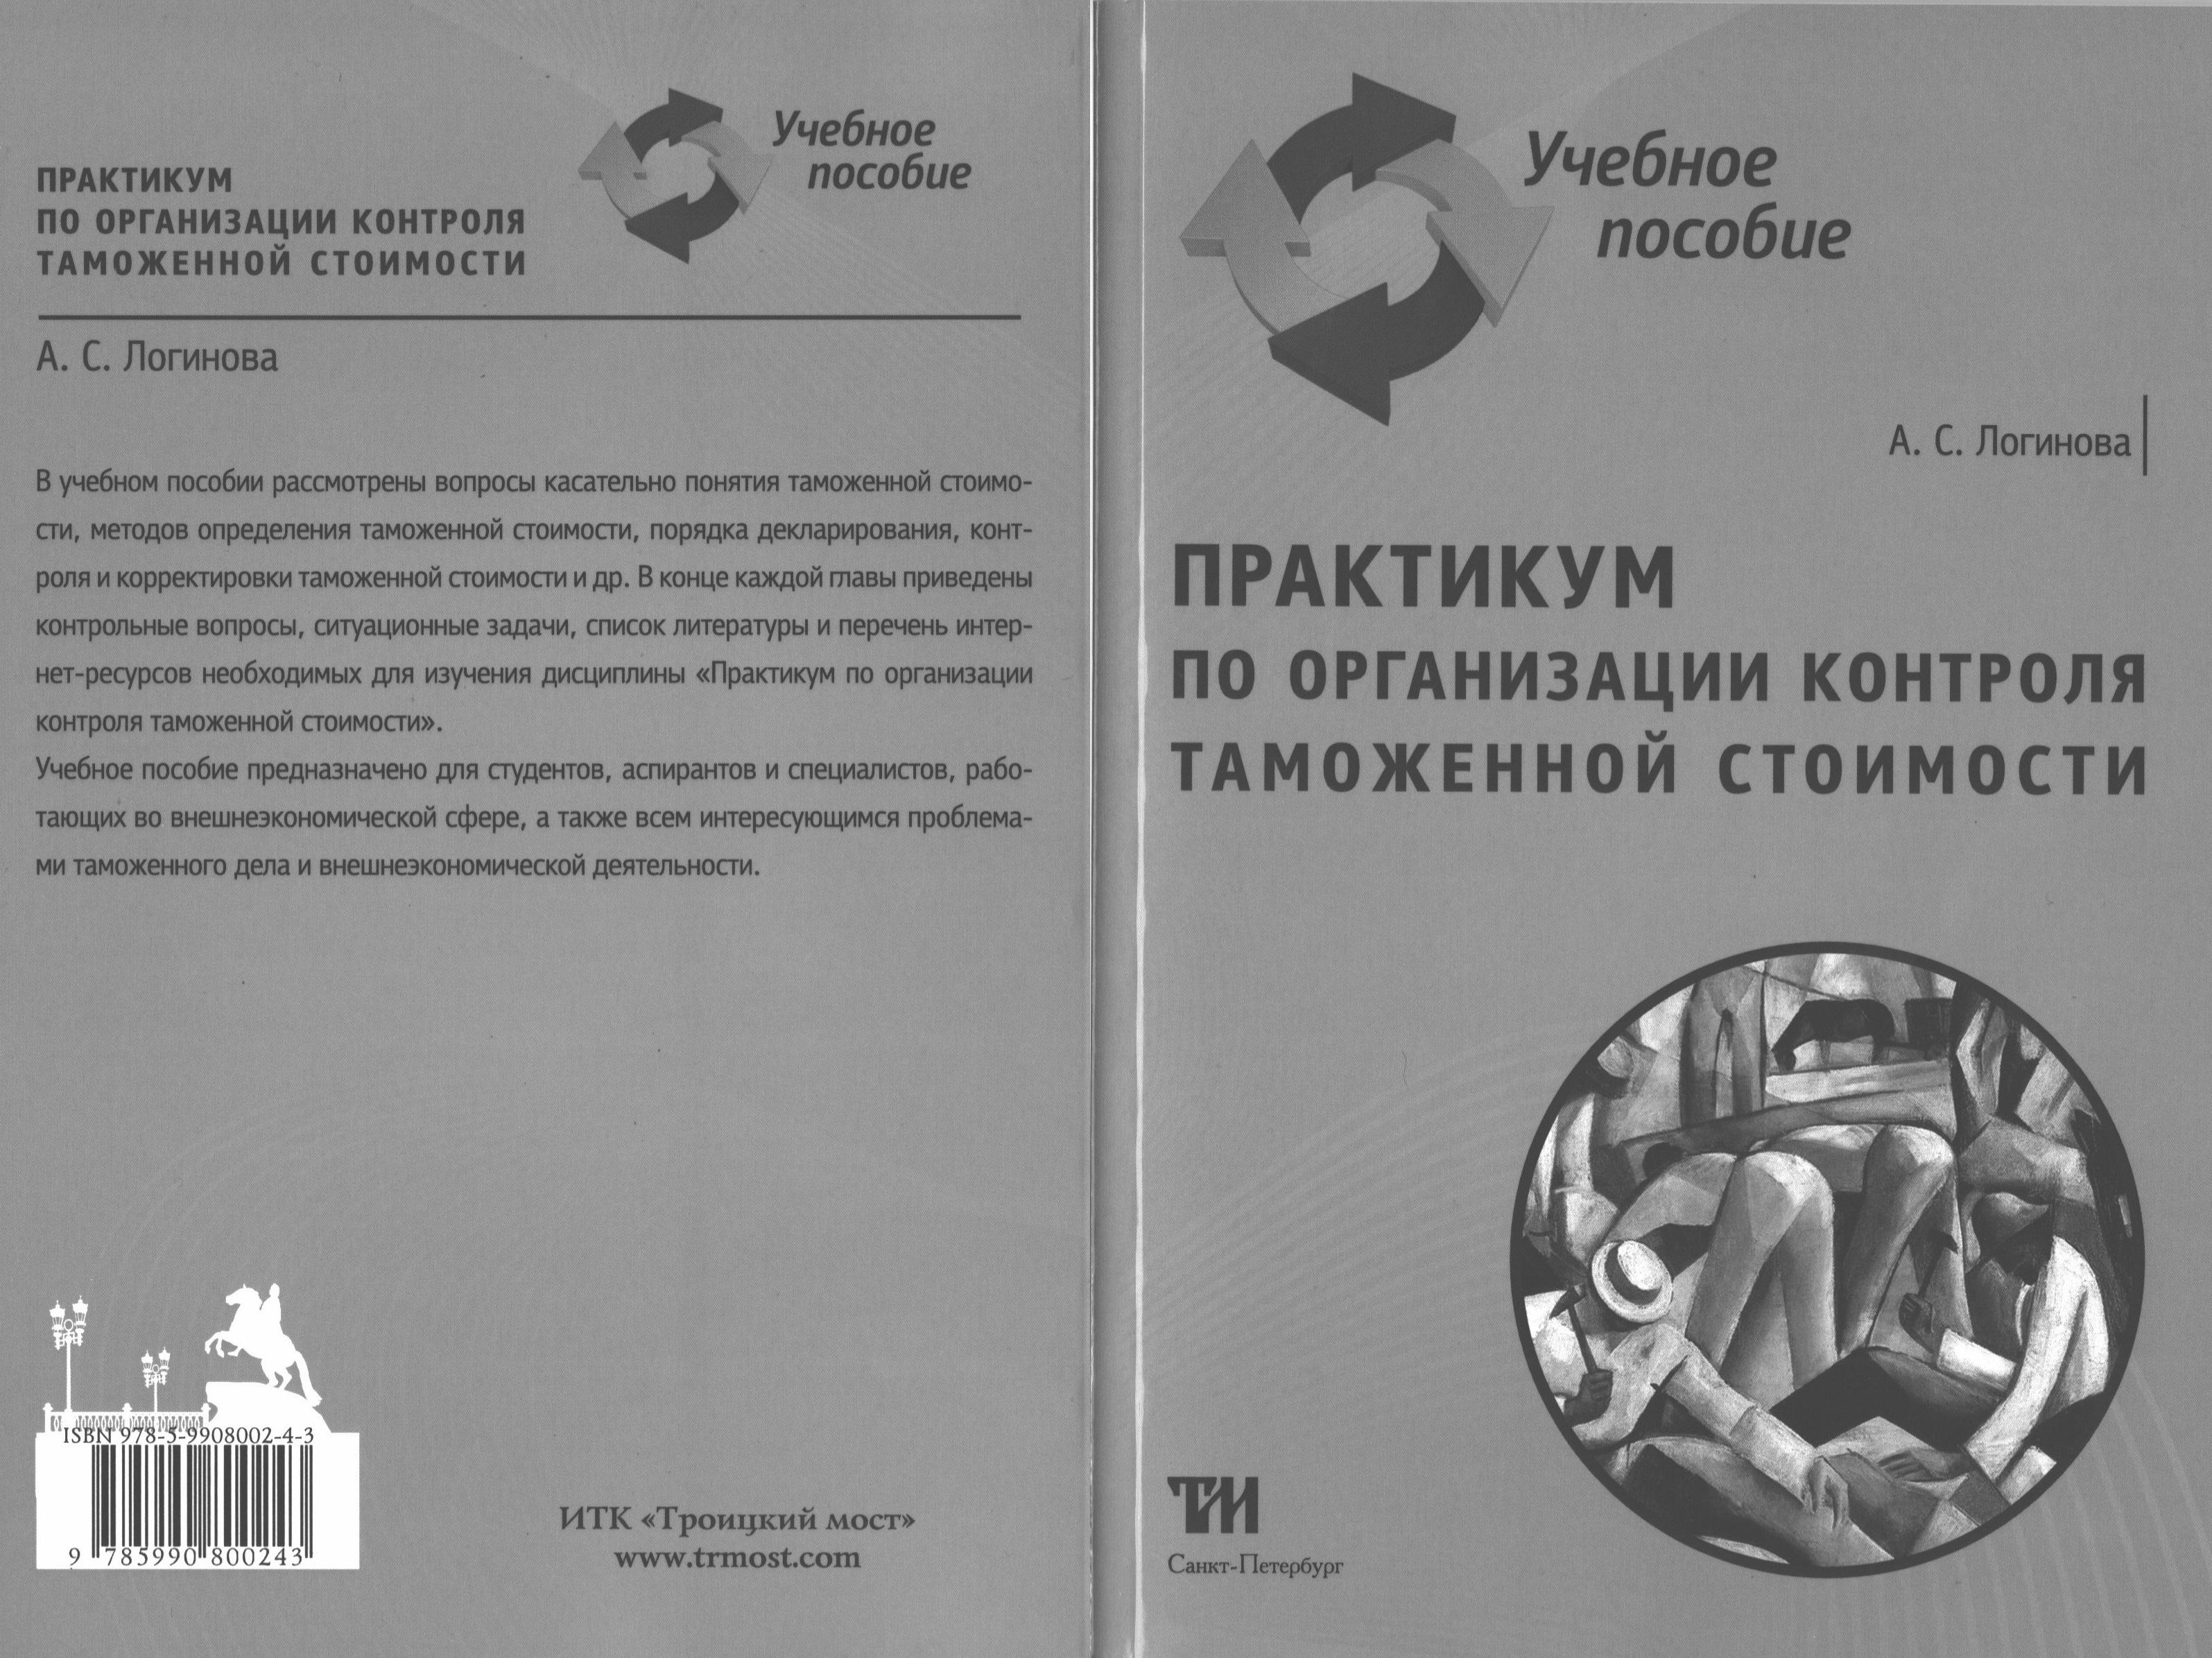 Практикум по организации контроля таможенной стоимости